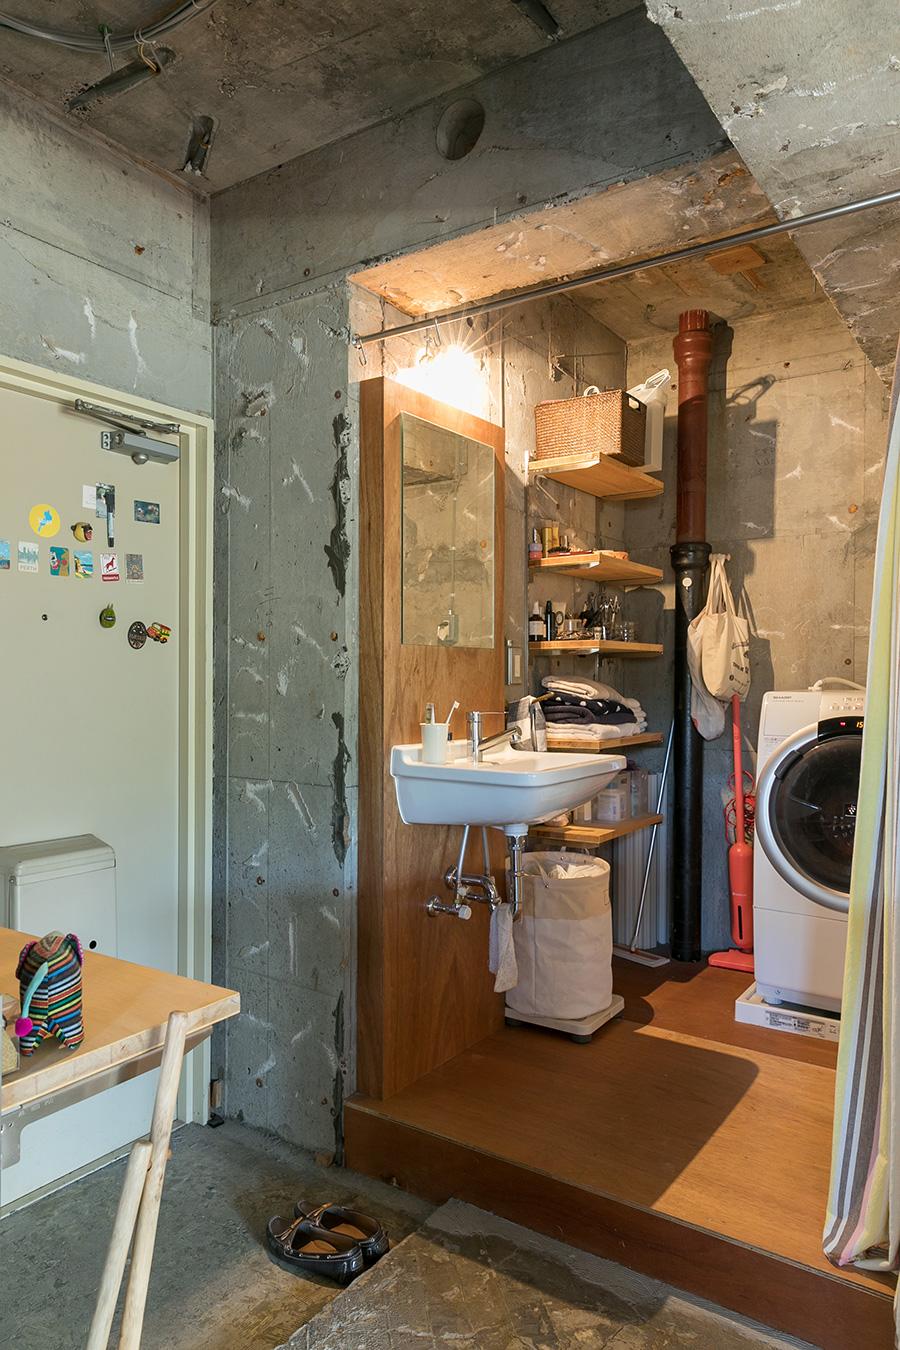 省スペースのため、上階からの排水管は囲わなかった。「水の音はそんなに気になりません。排水管は鉄素材なので、磁石のフックをつけて便利に利用しています」